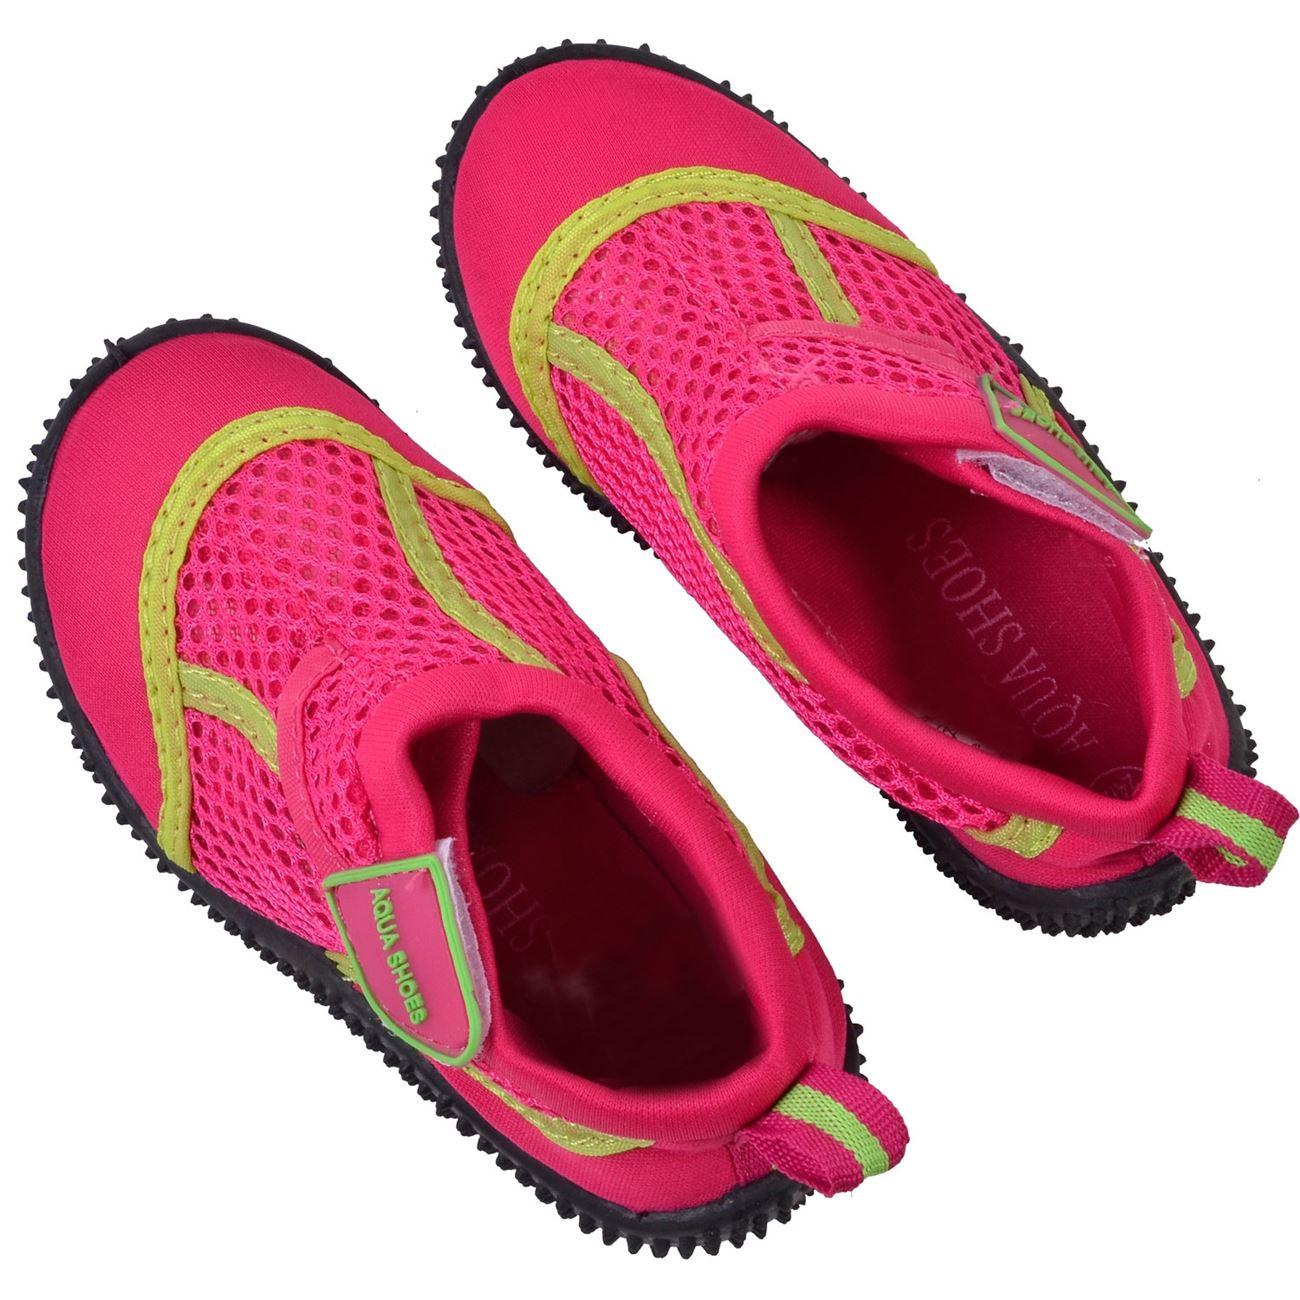 Παπούτσια Θαλάσσης Φούξια Λαχανί   Παπούτσι Θαλάσσης Preschool για ... b5d77504f2a